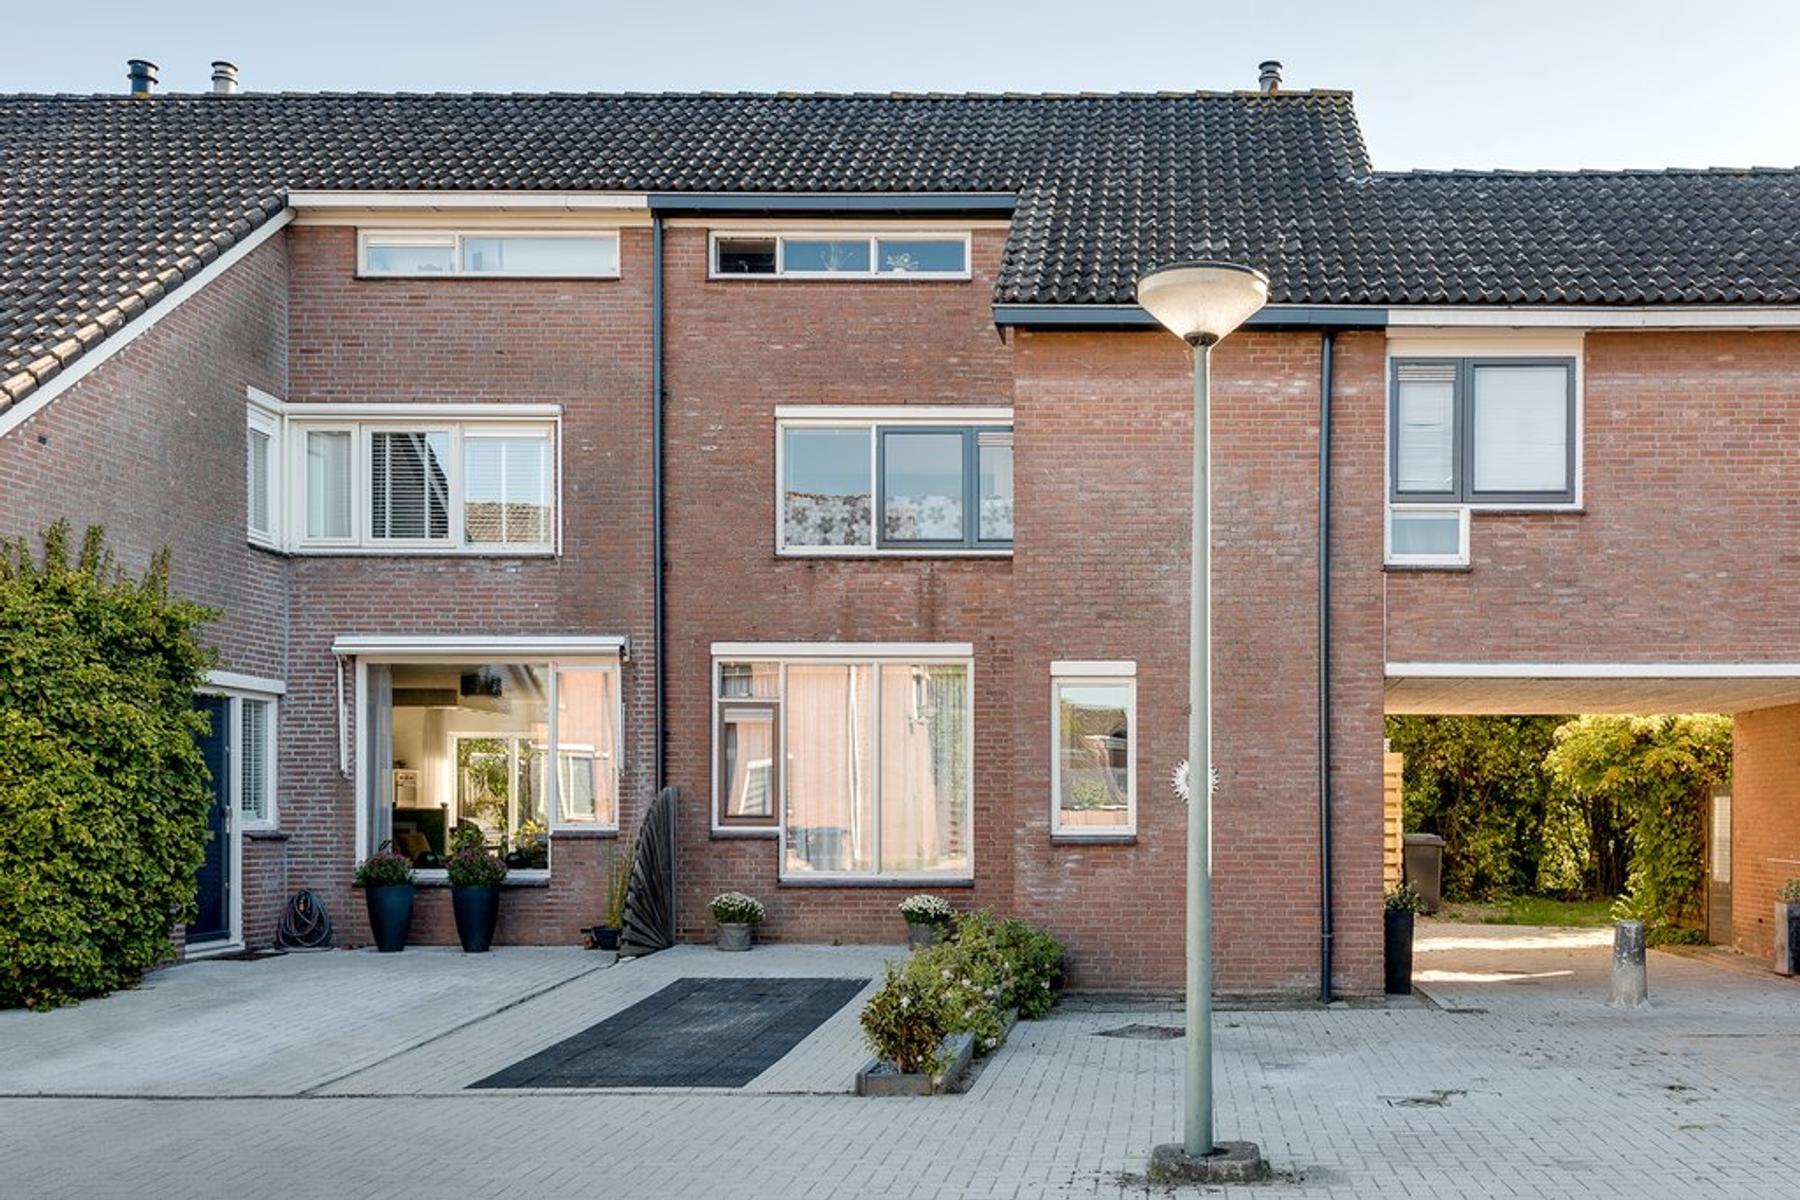 Slangenburg 252 in Dordrecht 3328 DX: Woonhuis te koop. - Estate ...